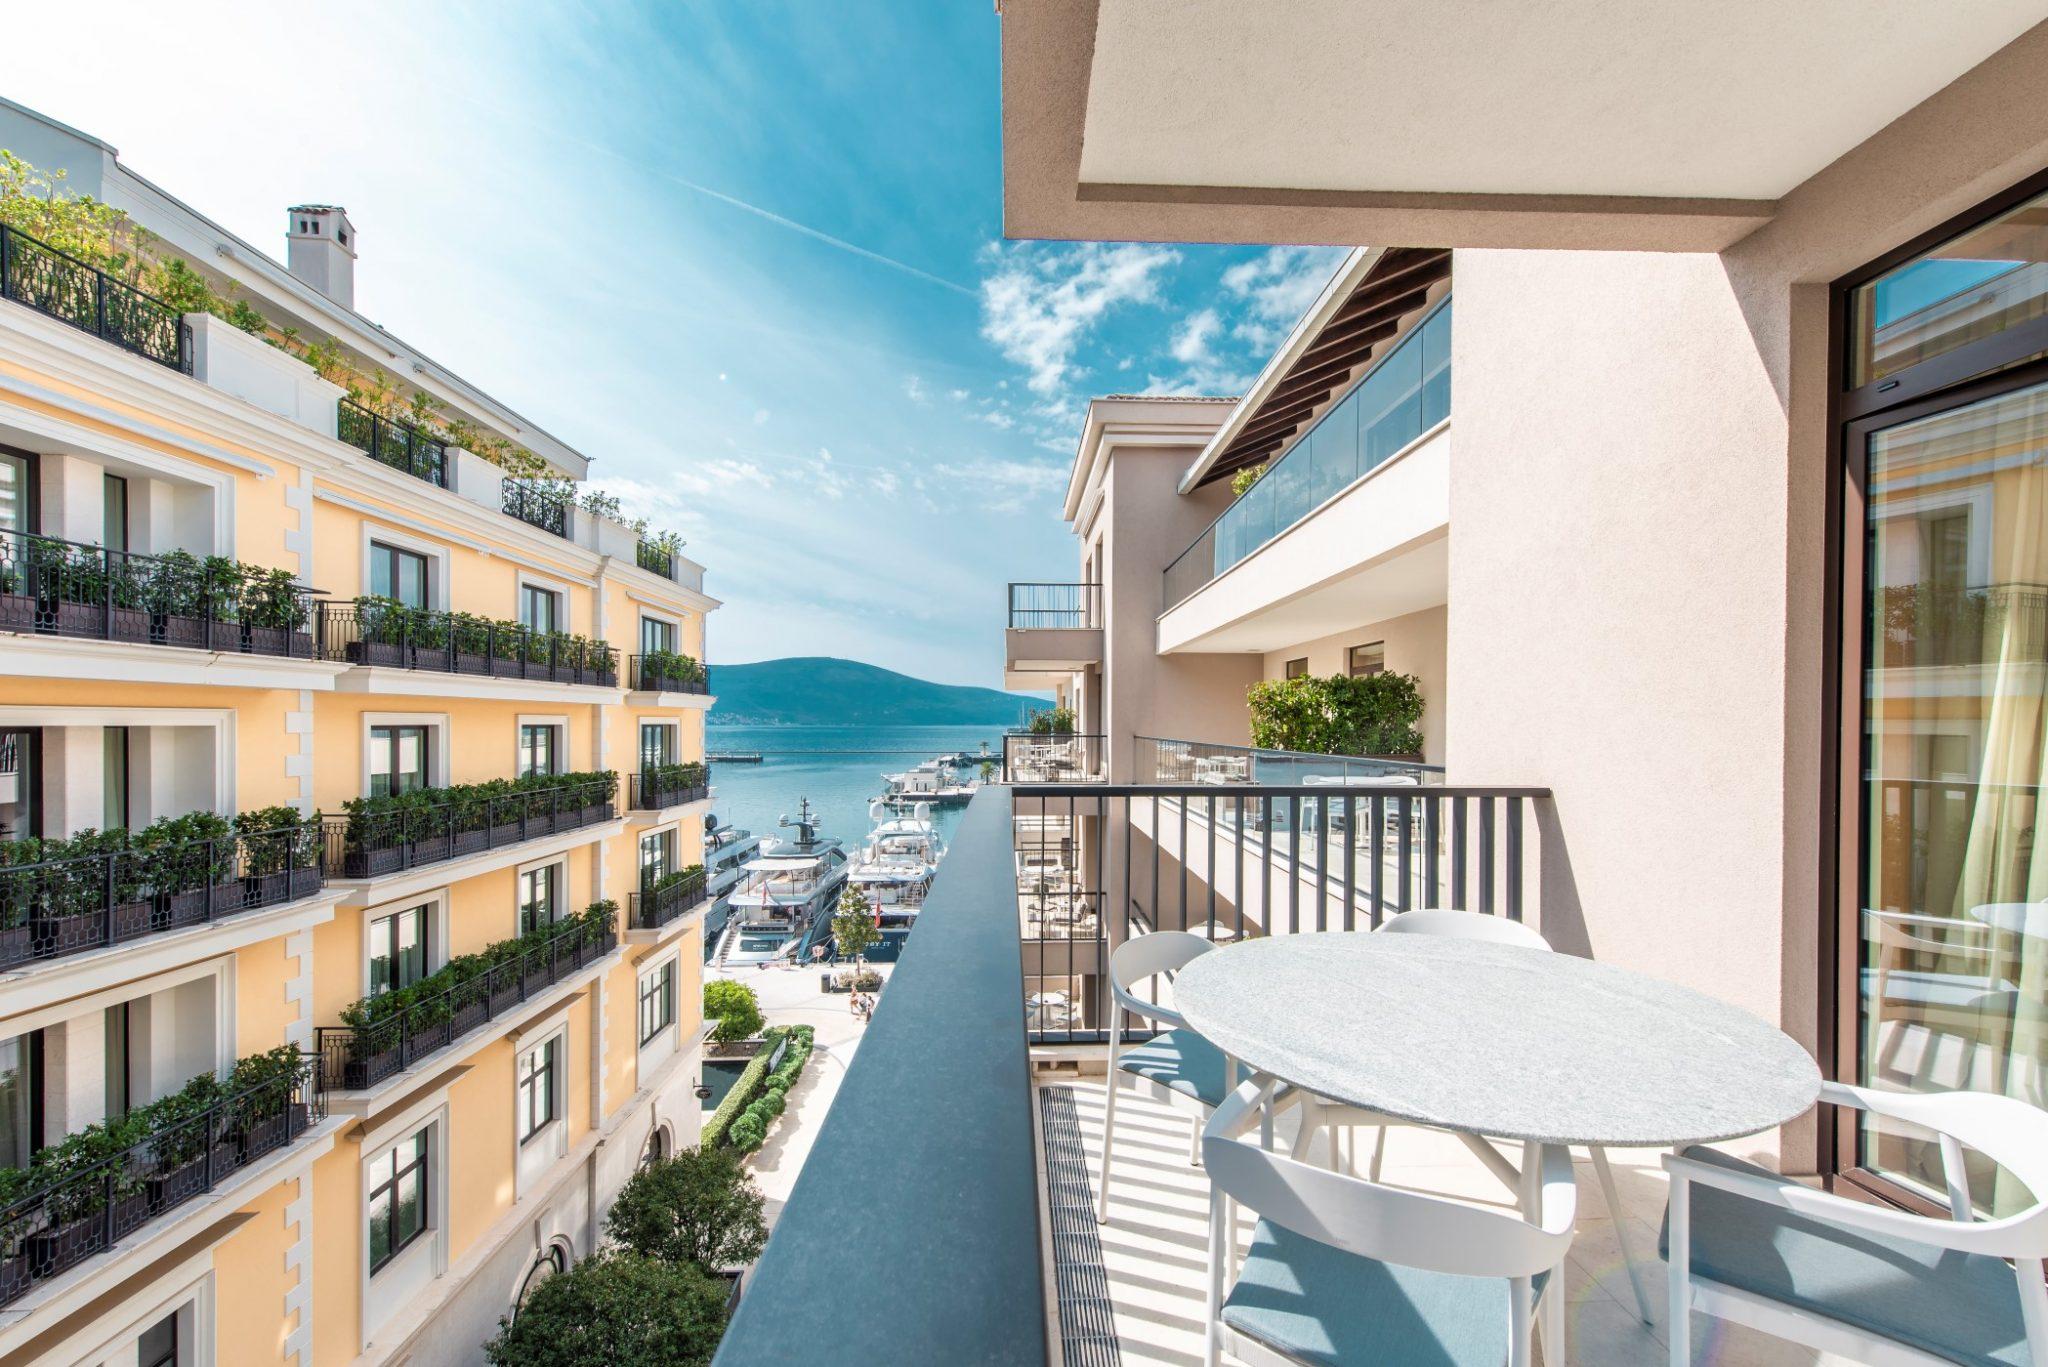 Tivat, Porto Montenegro – luxury one-bedroom apartment with sea view, Aqua building